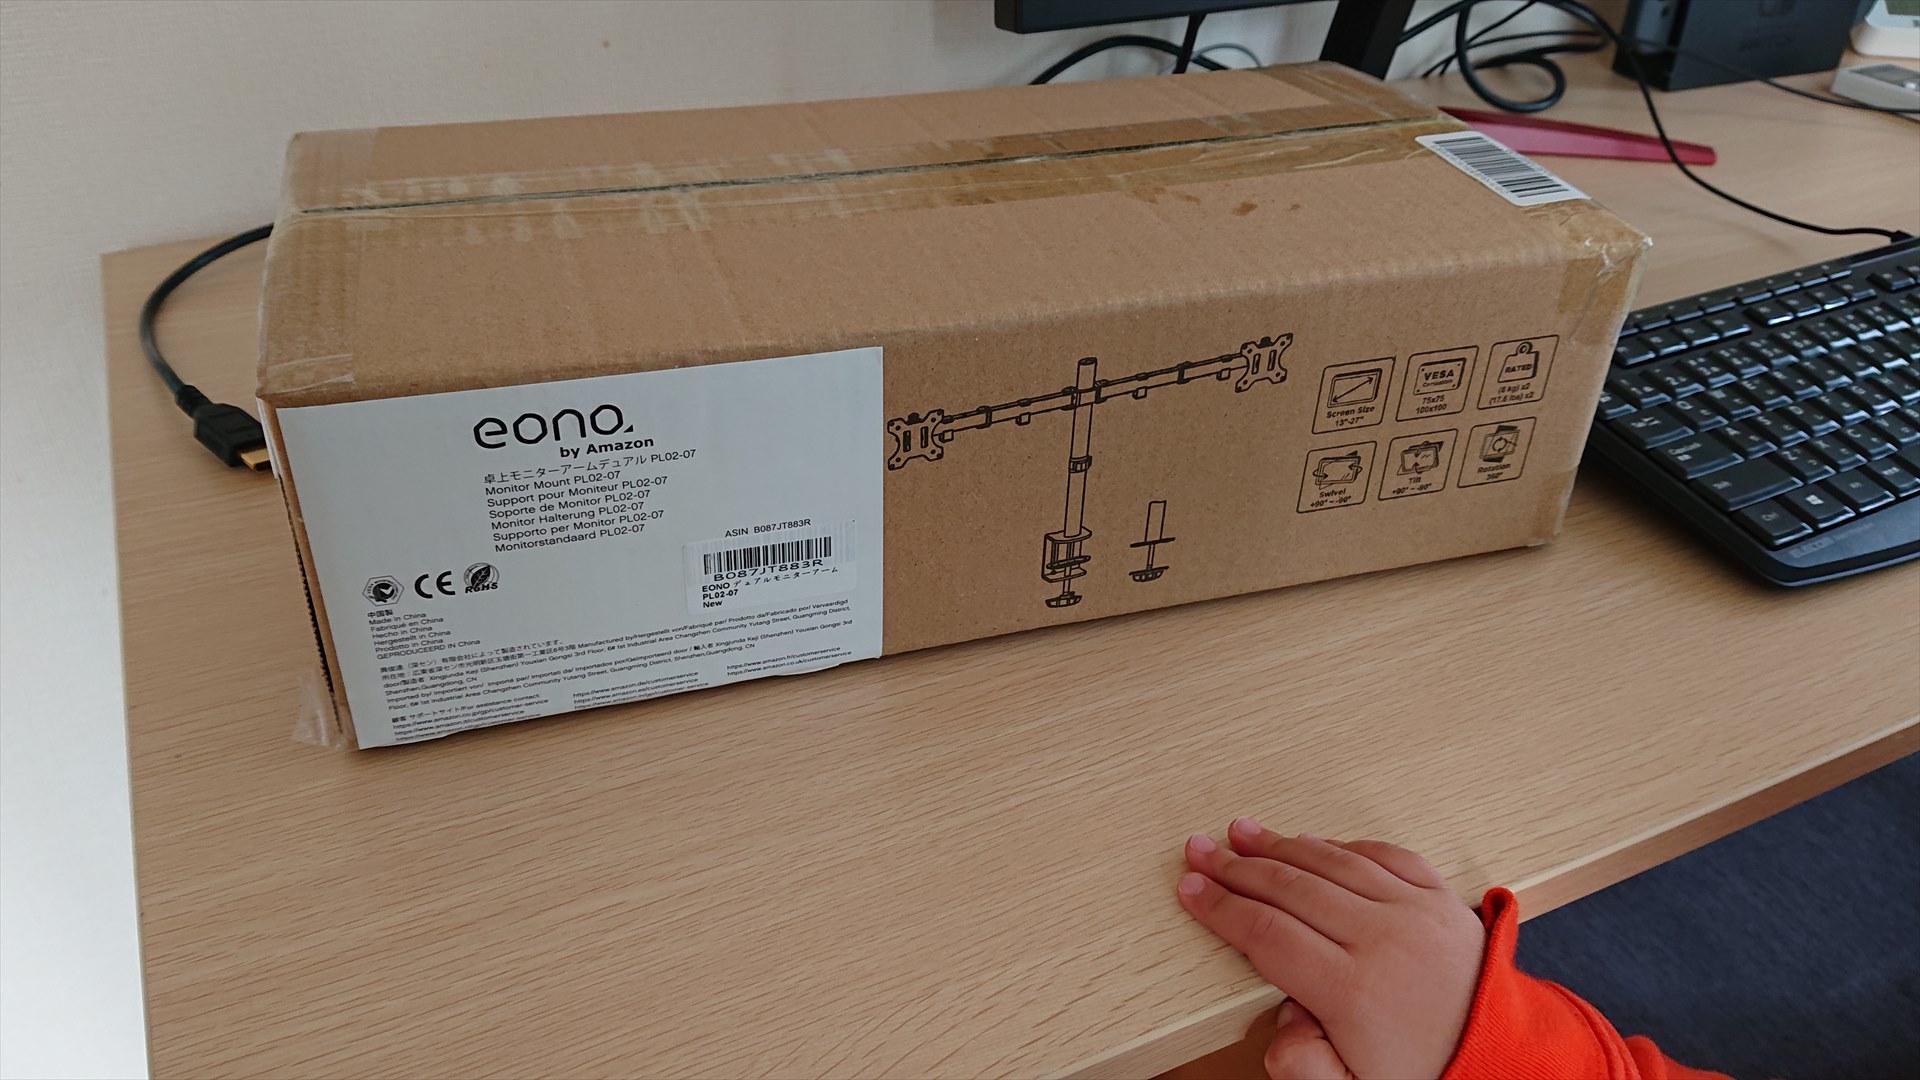 eonoのデュアルモニター用のモニターアームは1箱で送られてきます。